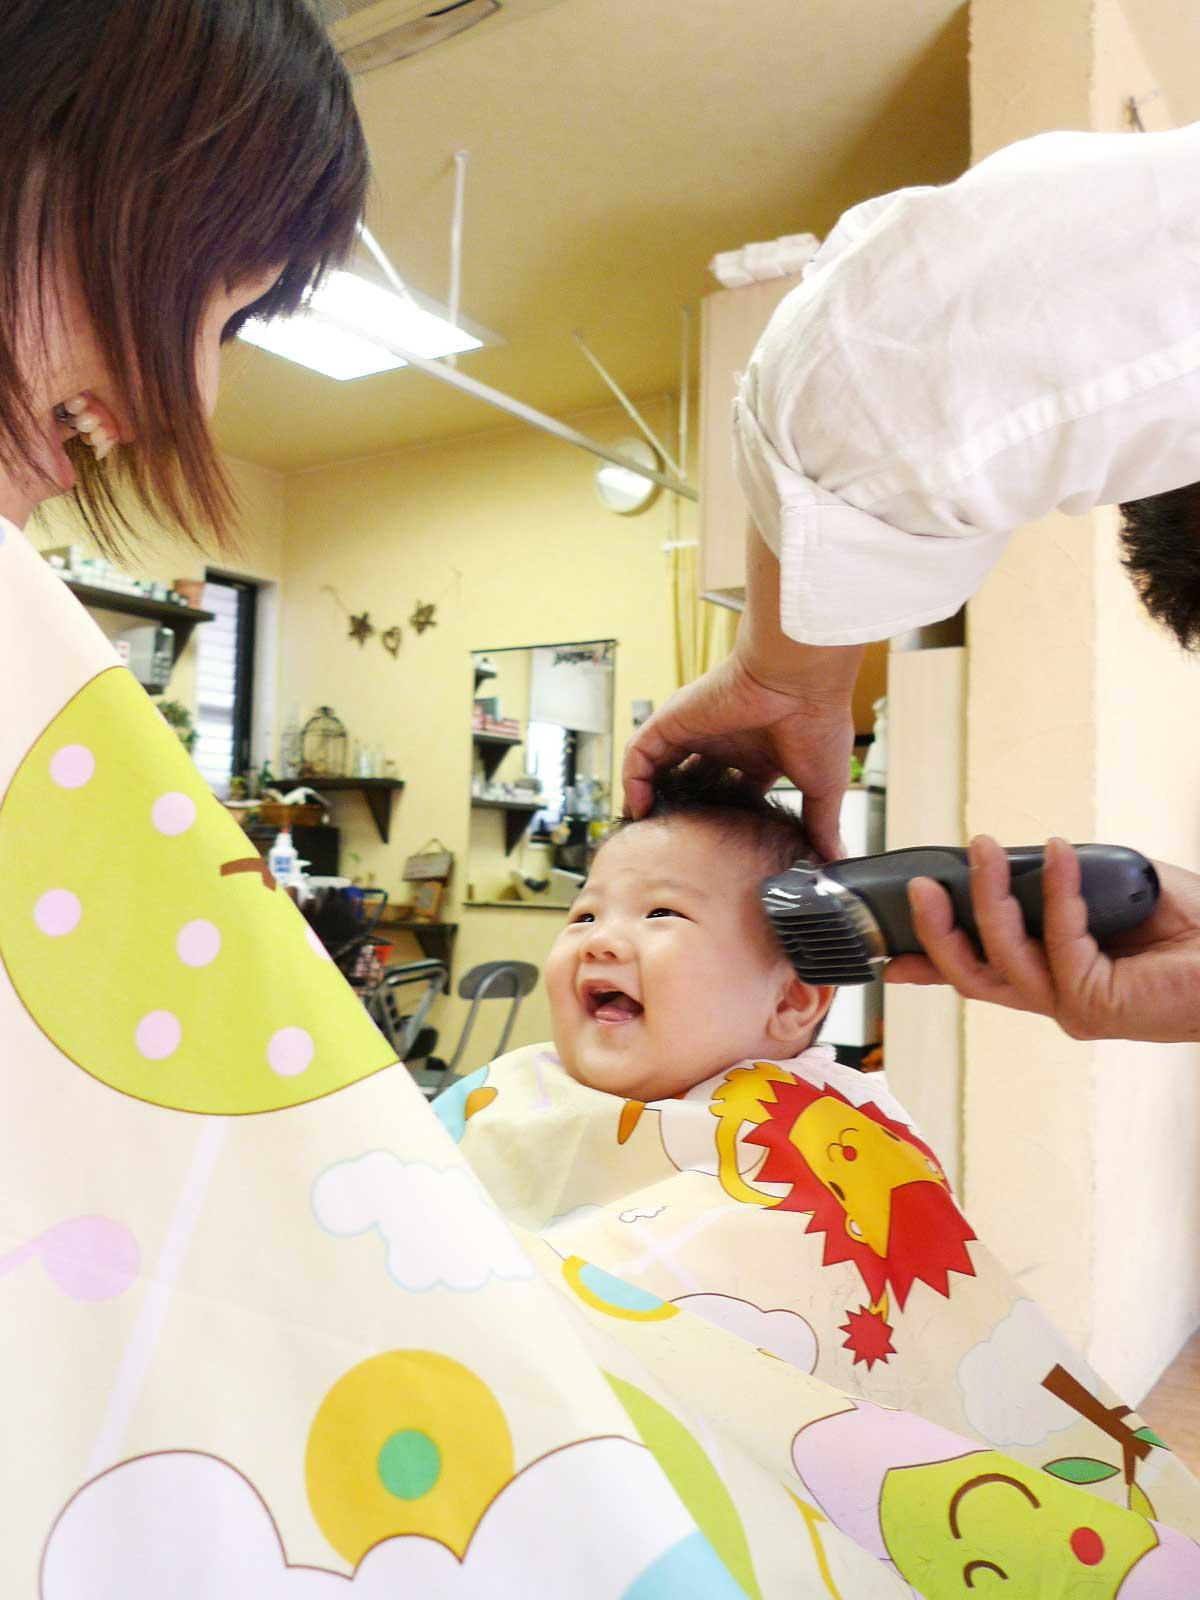 参考写真 - 赤ちゃんヘアカット